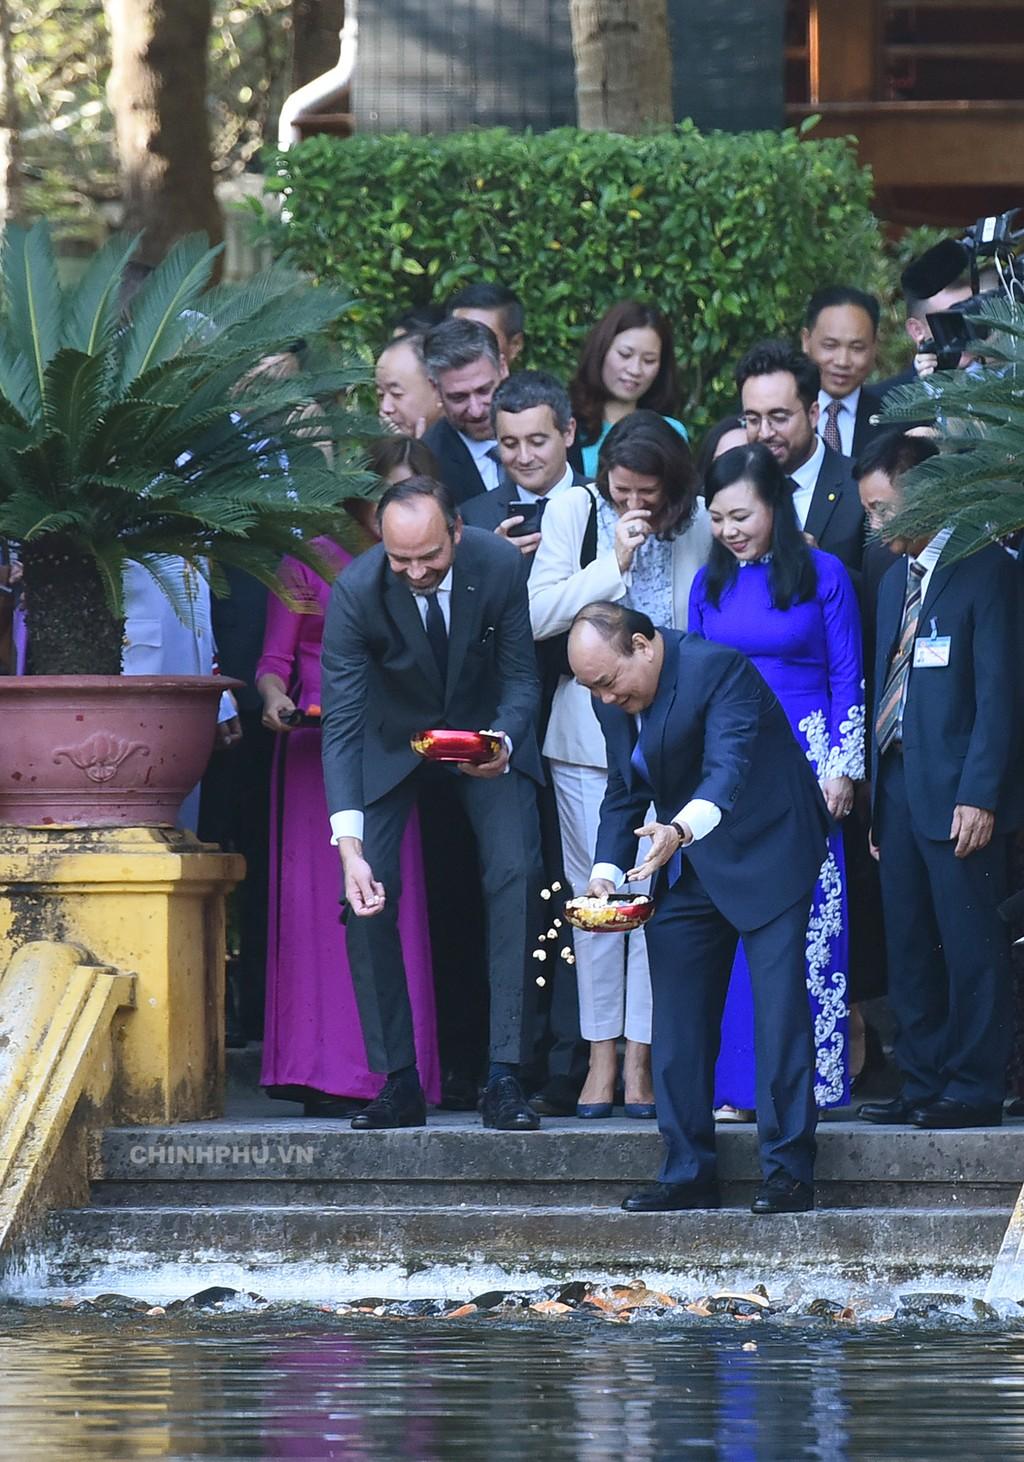 Chùm ảnh: Thủ tướng Nguyễn Xuân Phúc đón, hội đàm với Thủ tướng Cộng hòa Pháp - ảnh 2